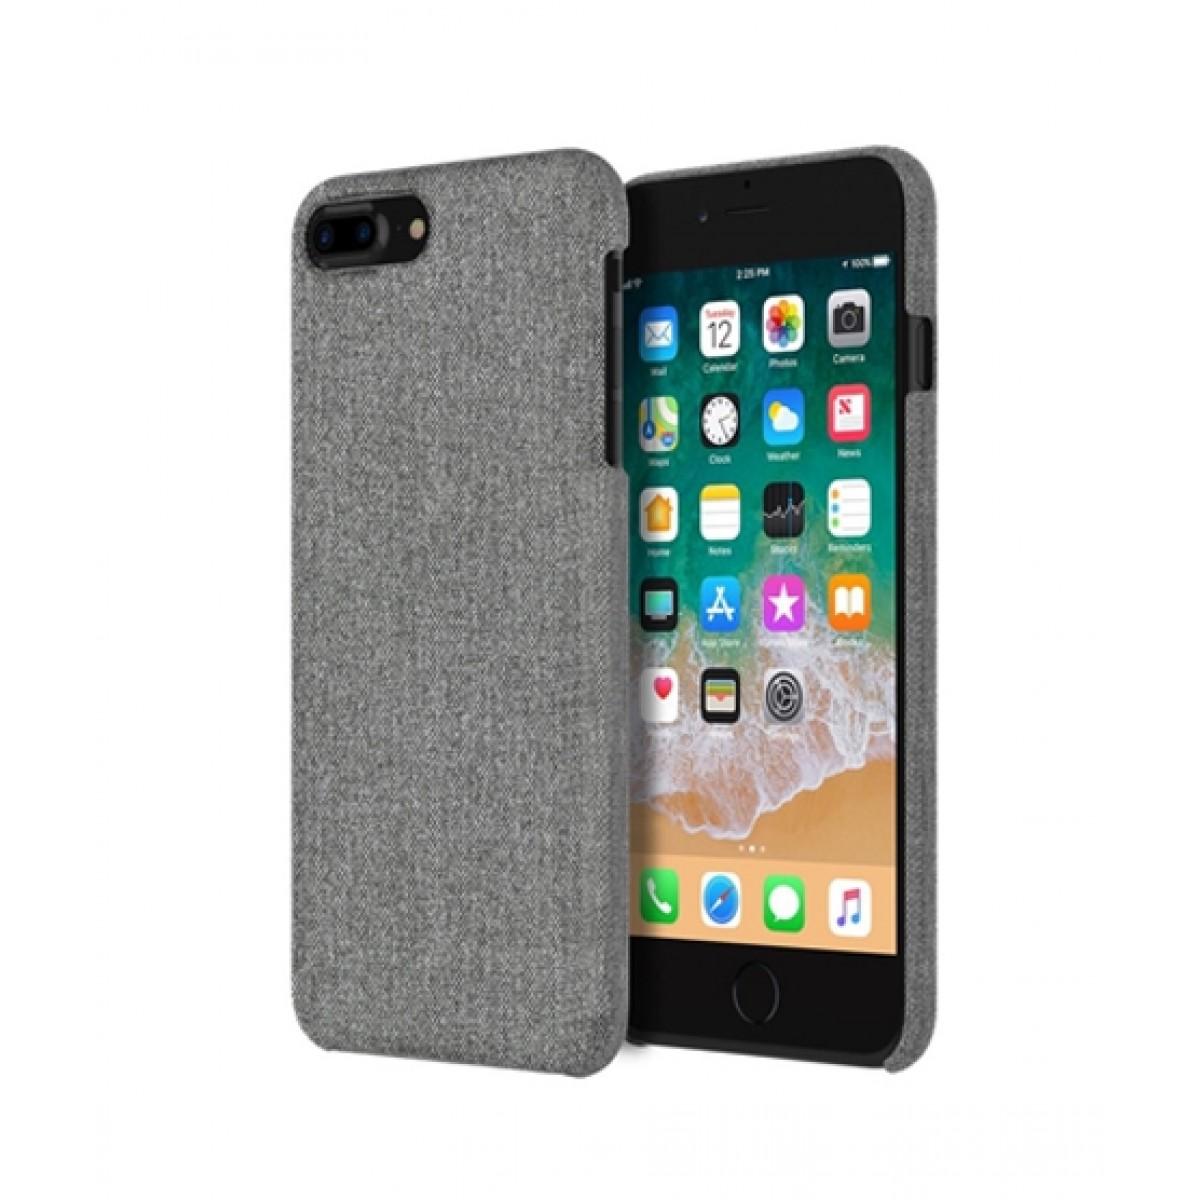 promo code 50998 cb5e7 Incipio Esquire Slim Gray Fabric Case For iPhone 8 Plus